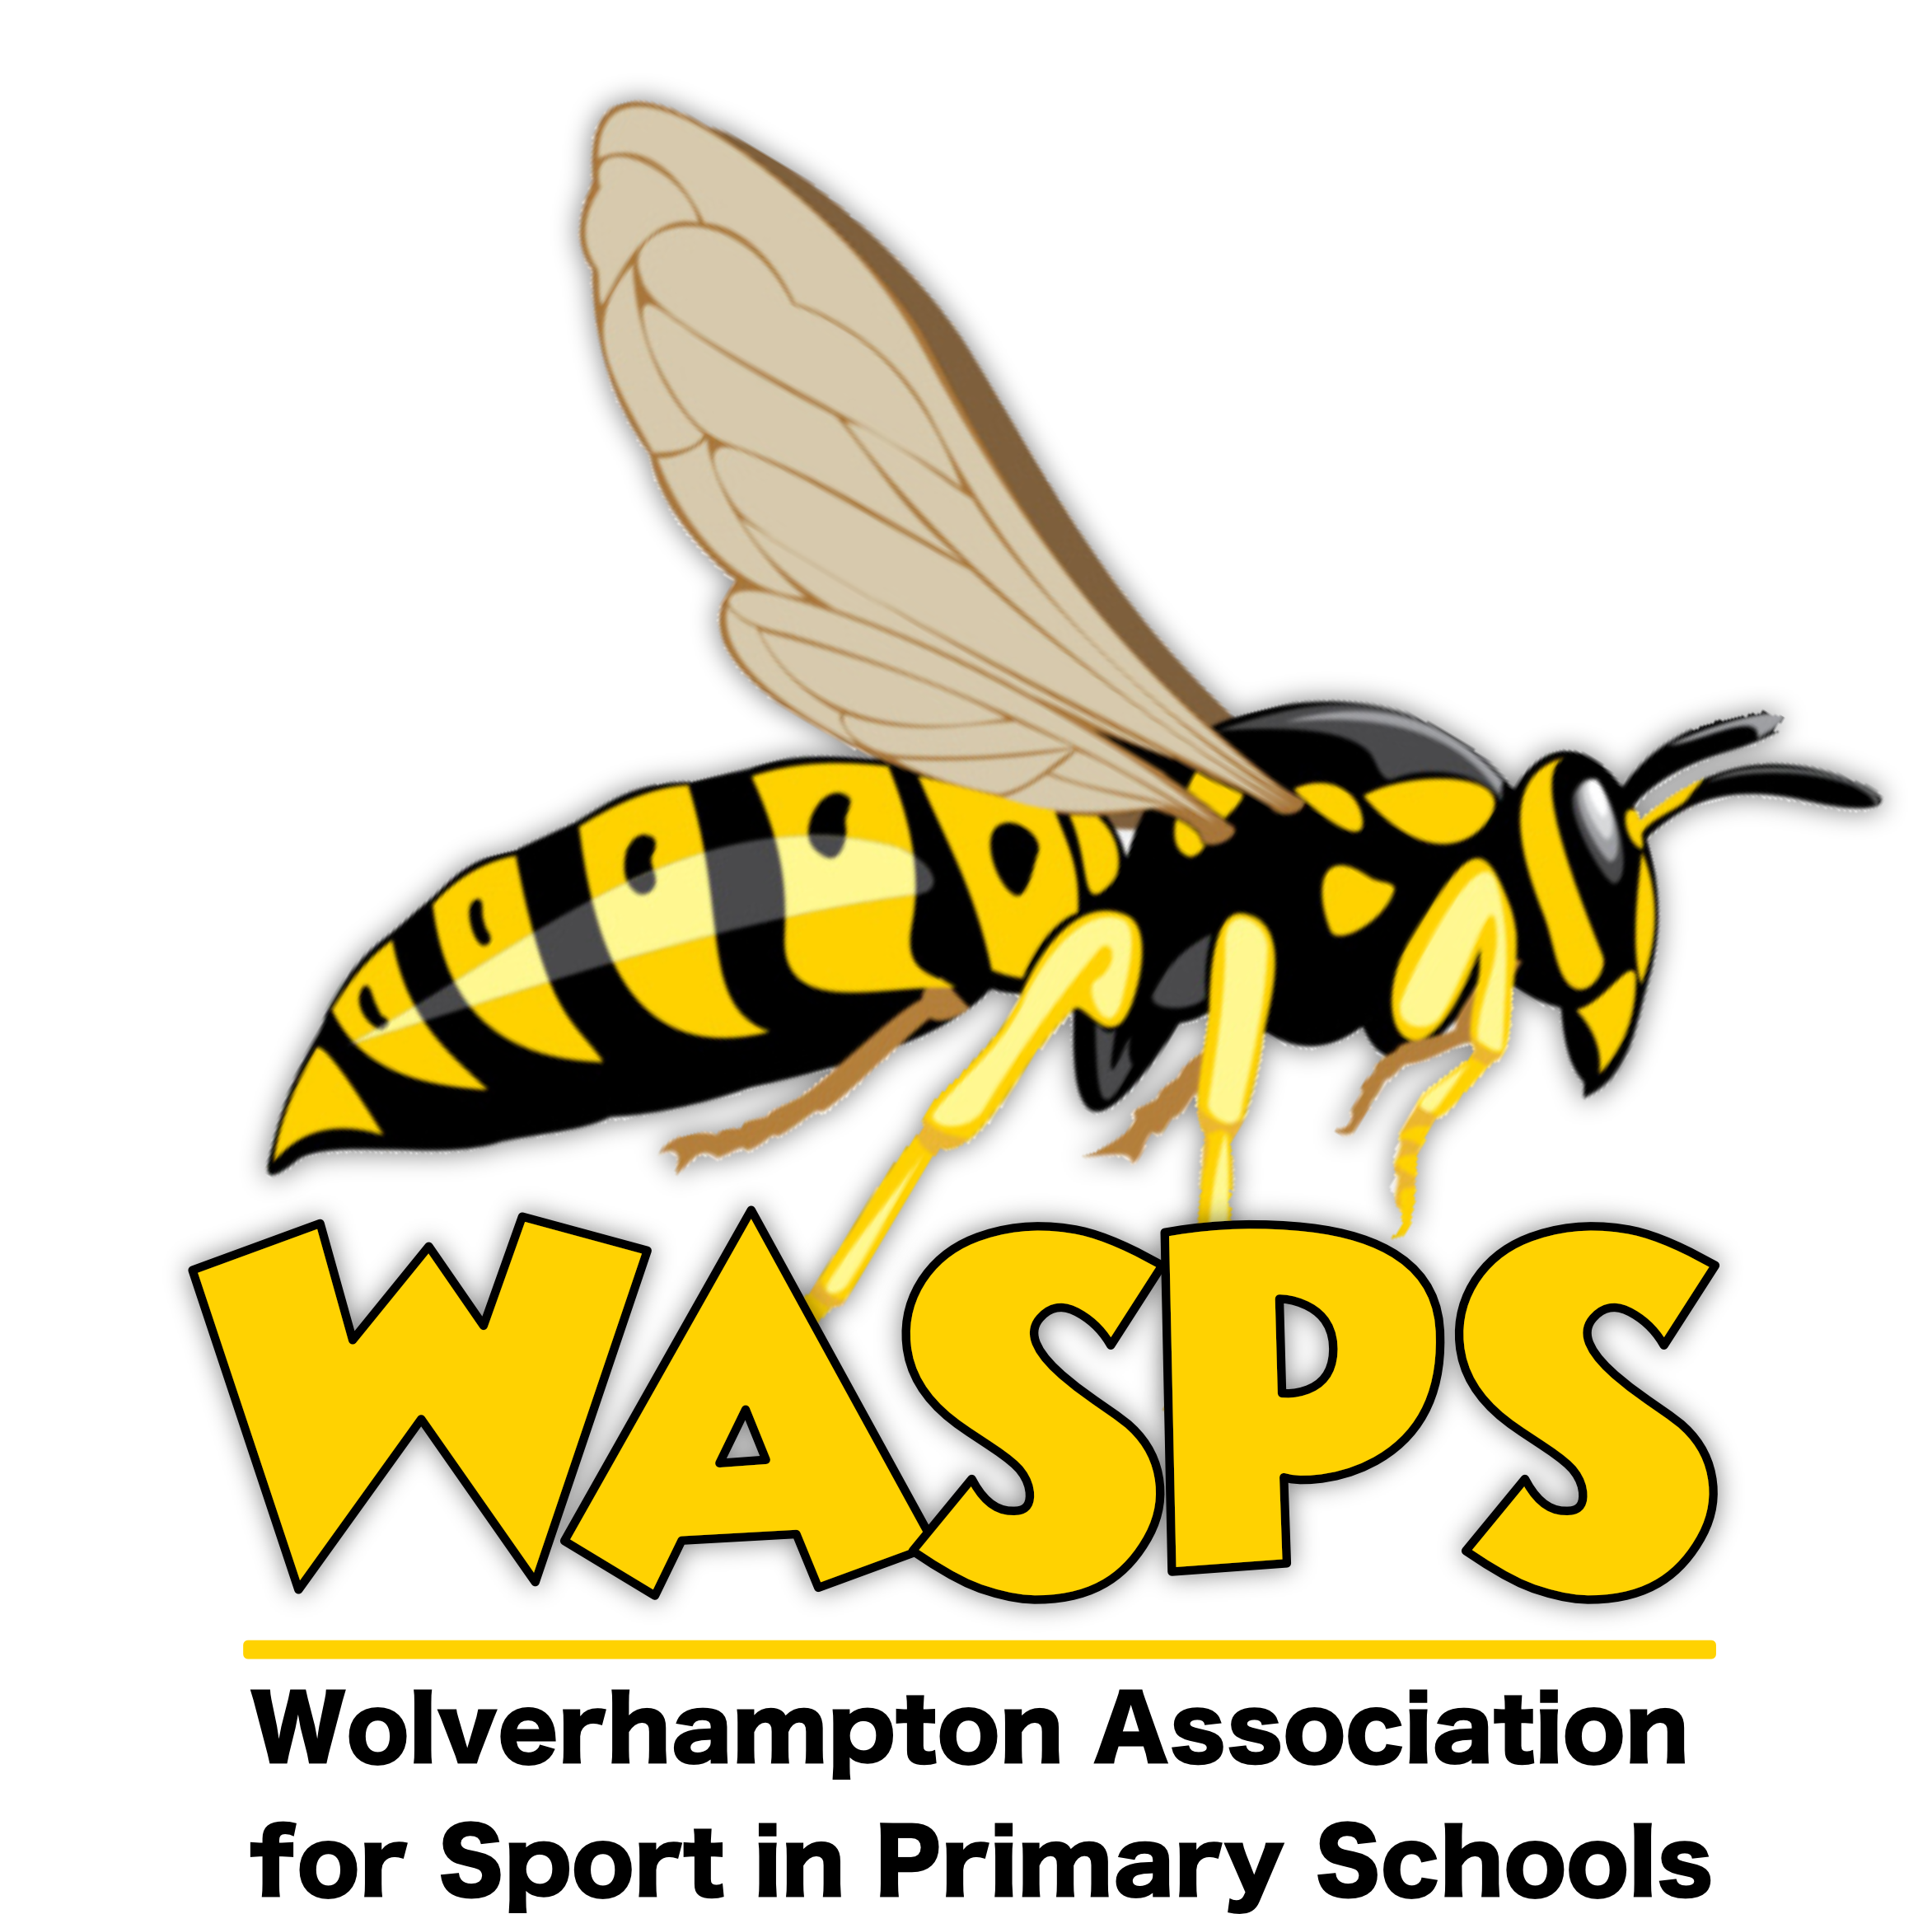 WASPS logo.png